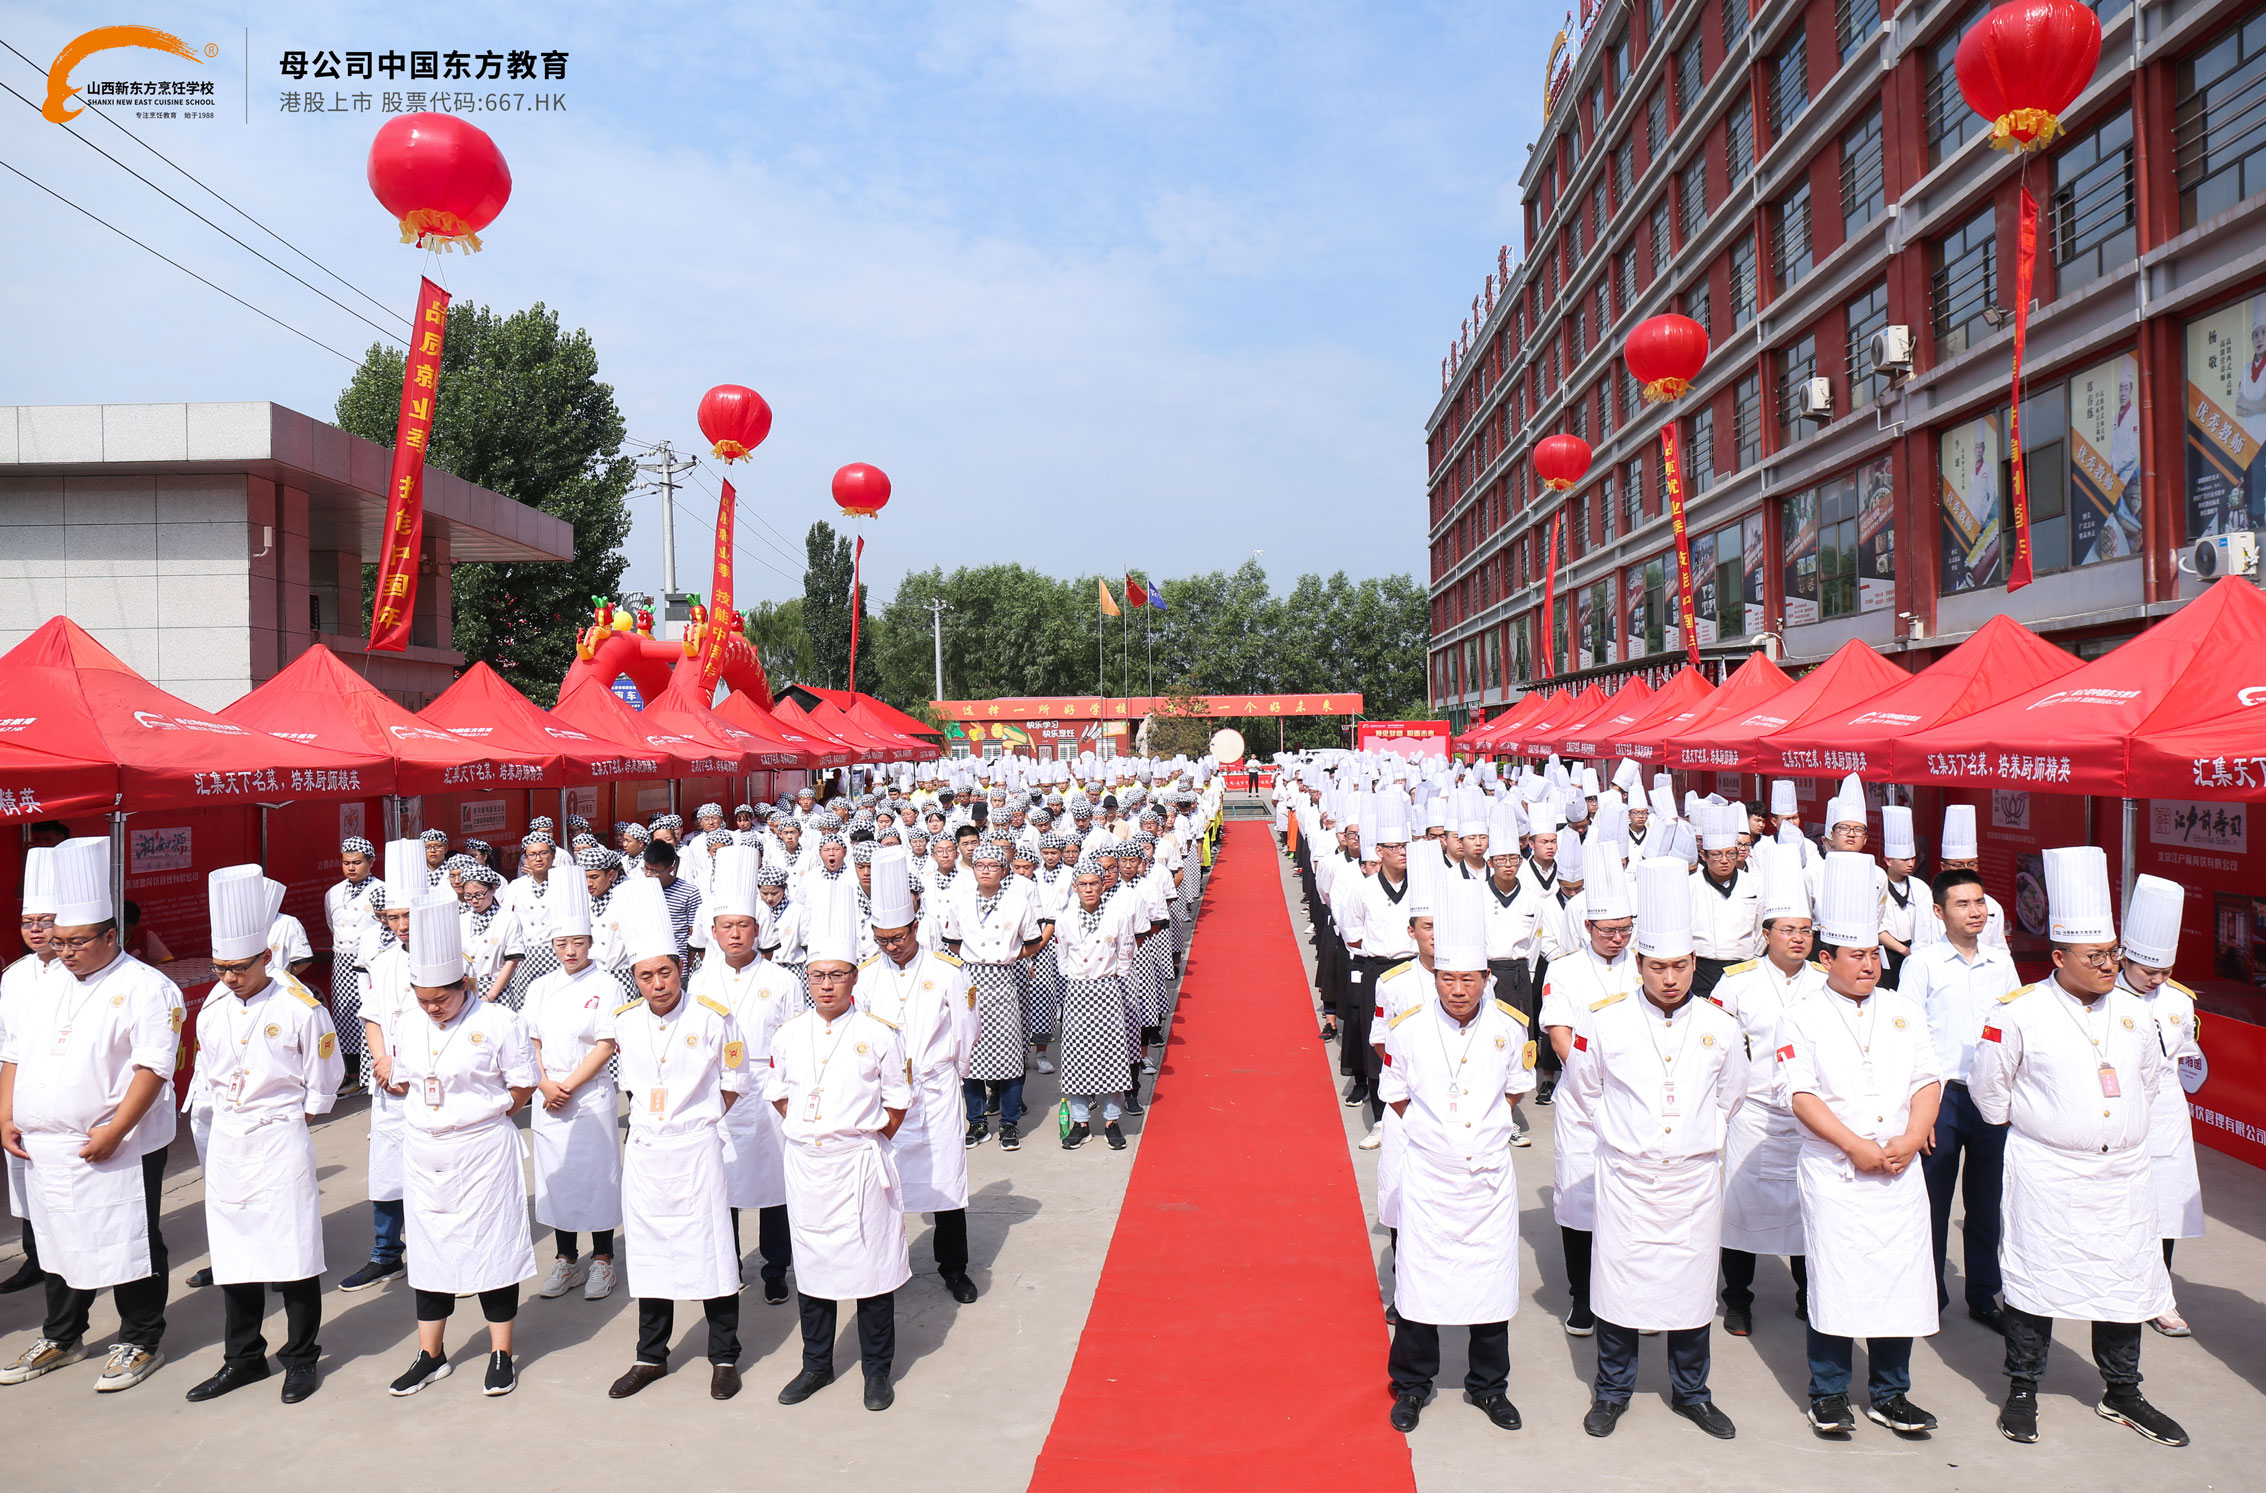 餐饮快讯:2020年烹饪市场新发